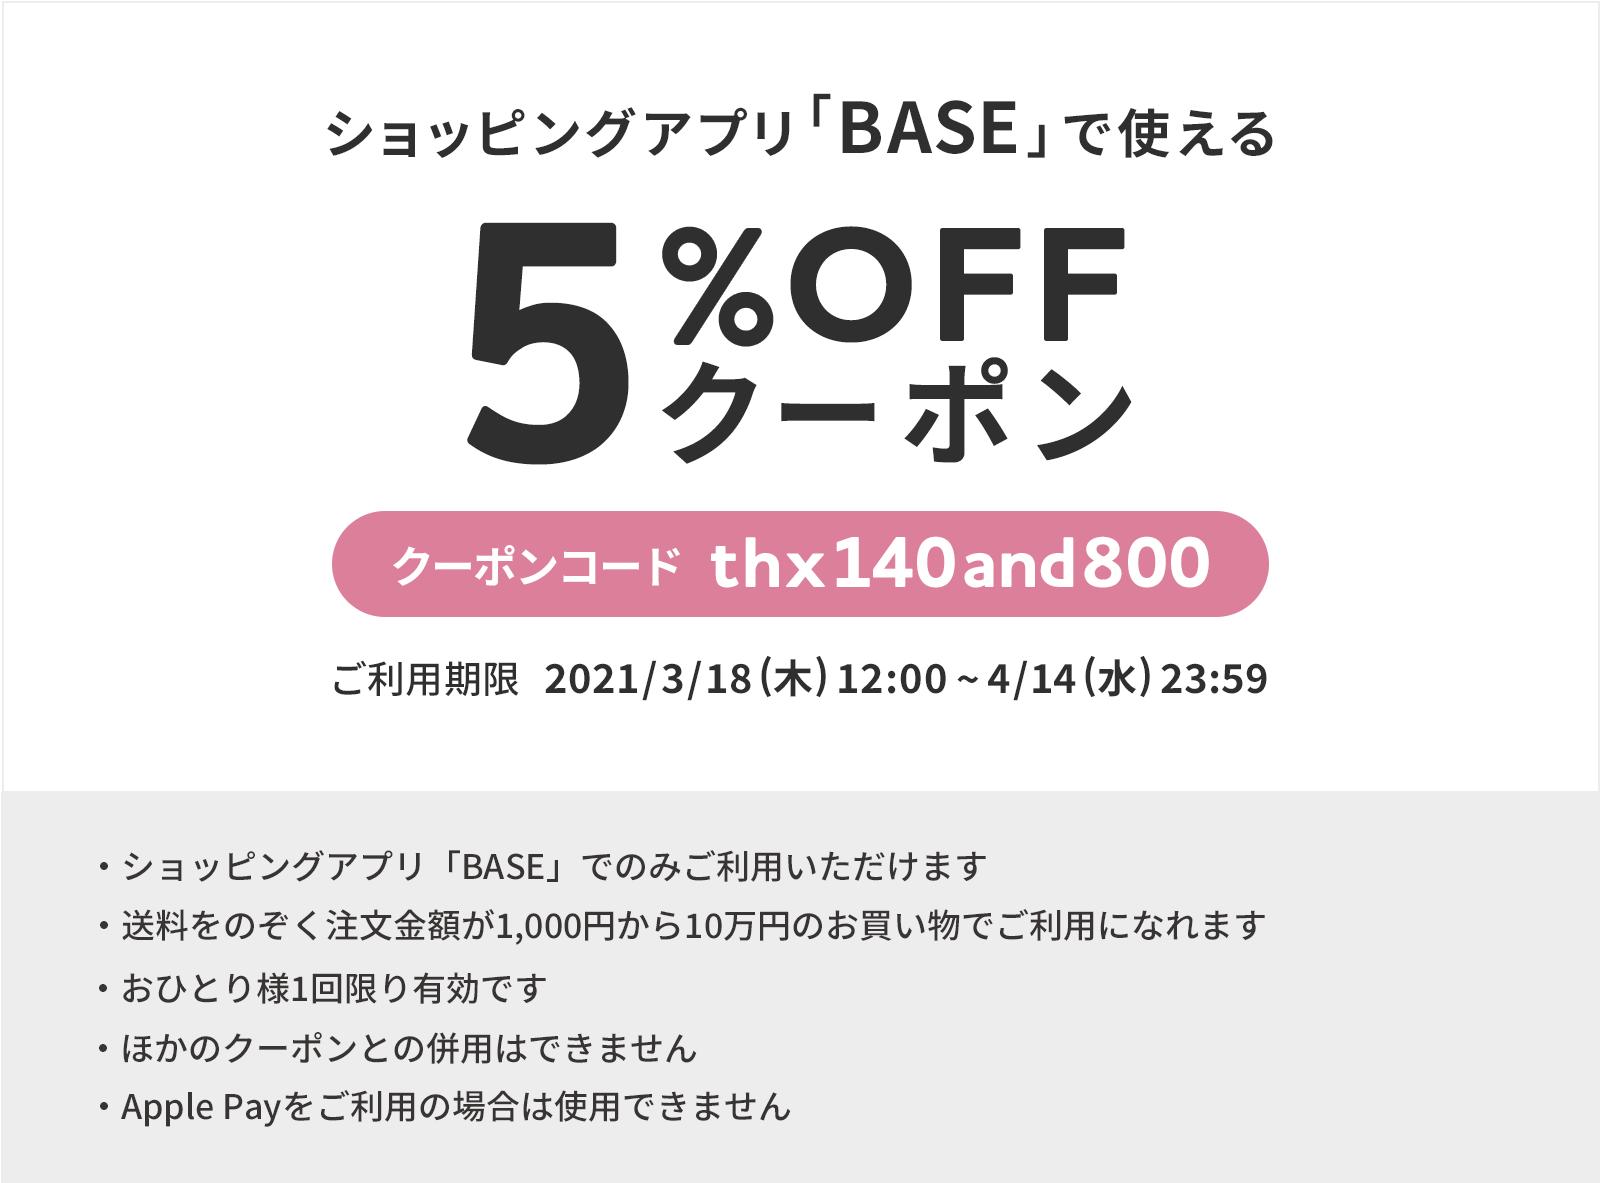 【3/18~4/14 期間限定!】5%OFFクーポンをプレゼント!